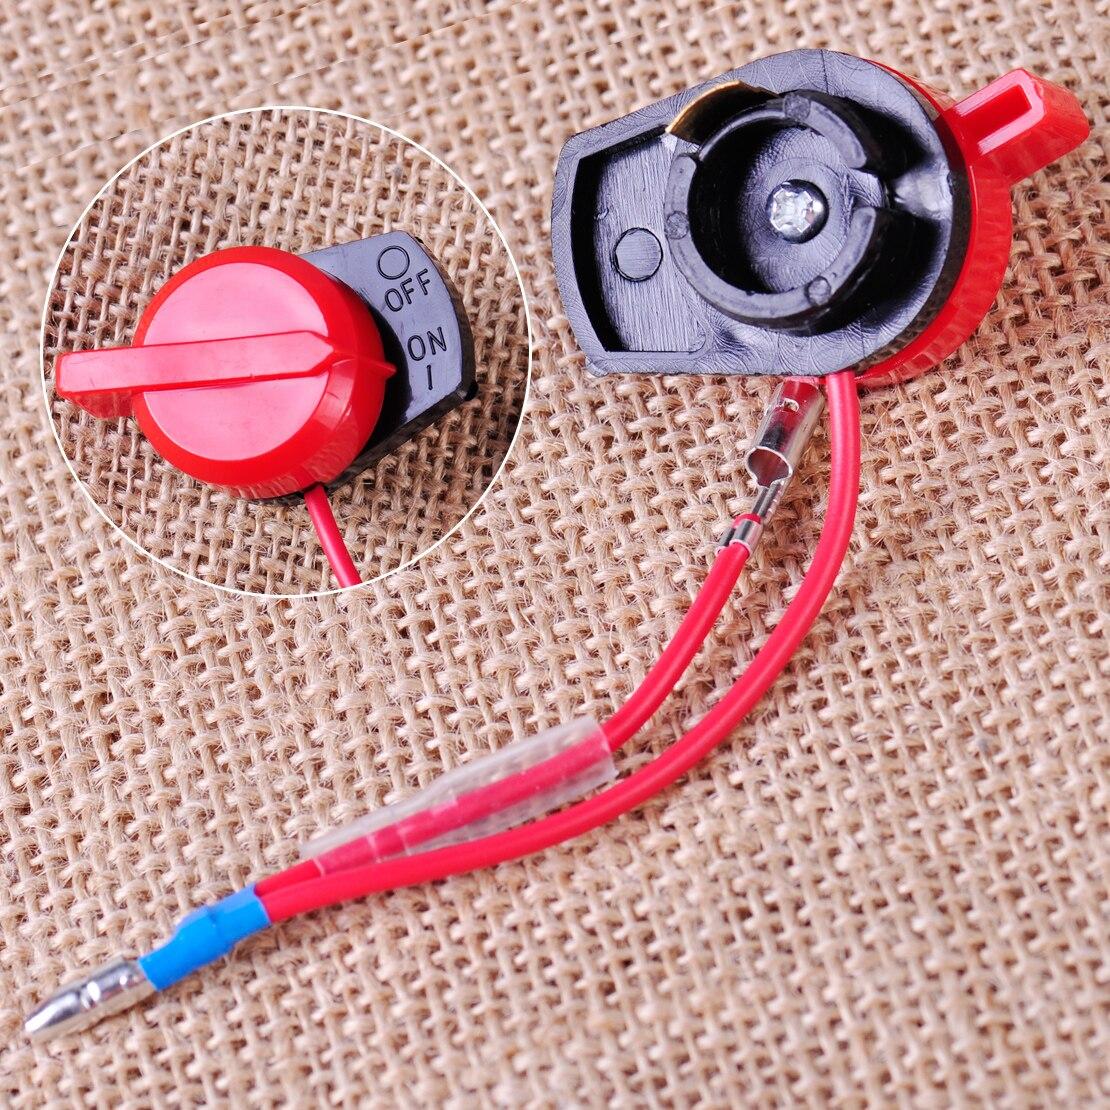 LETAOSK New Engine Stop Switch On/Off Control Fit For Honda GX120 GX160 GX200 GX240 GX270 GX340 GX390